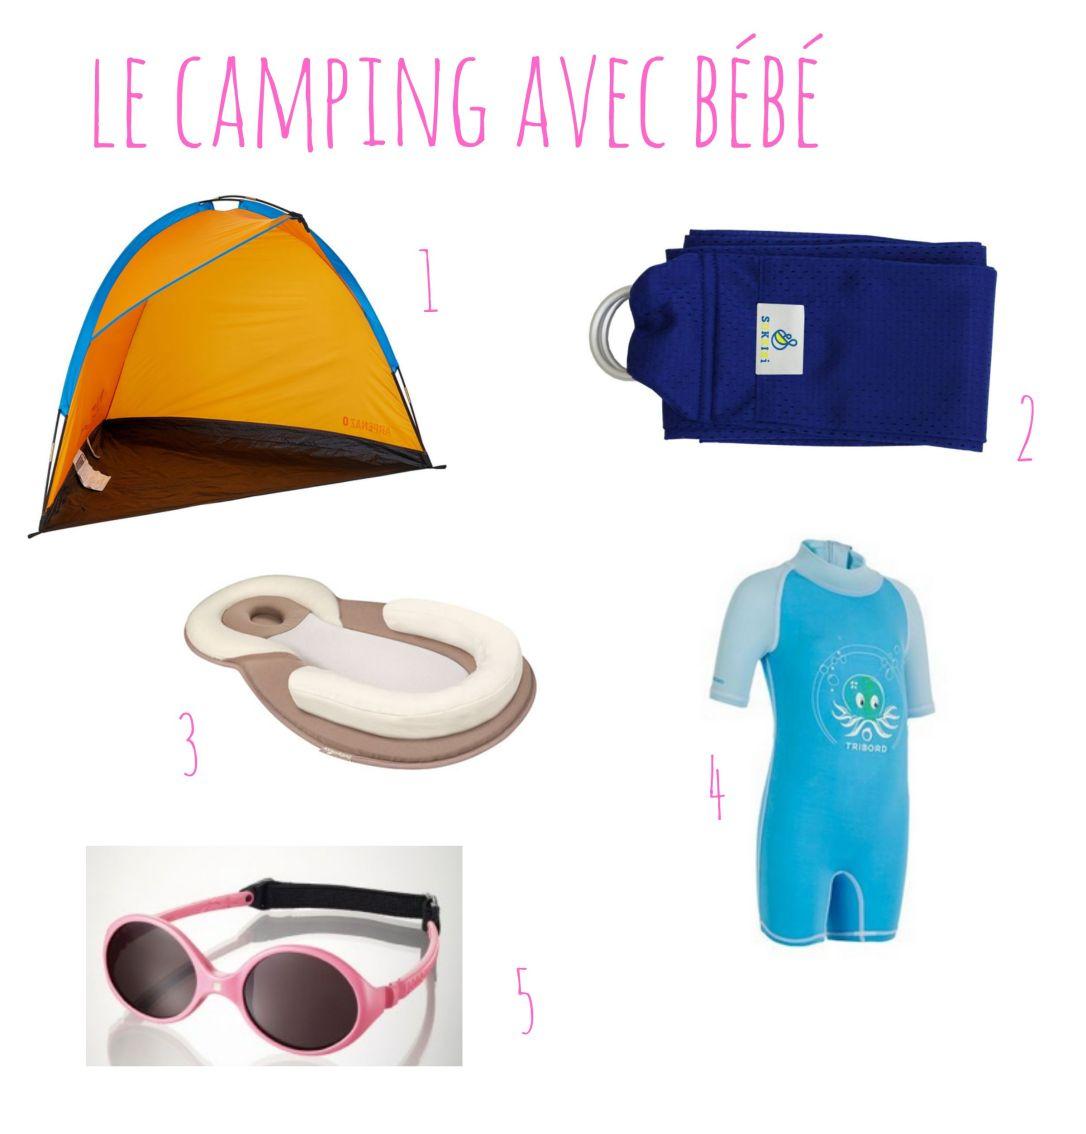 le camping avec bébé